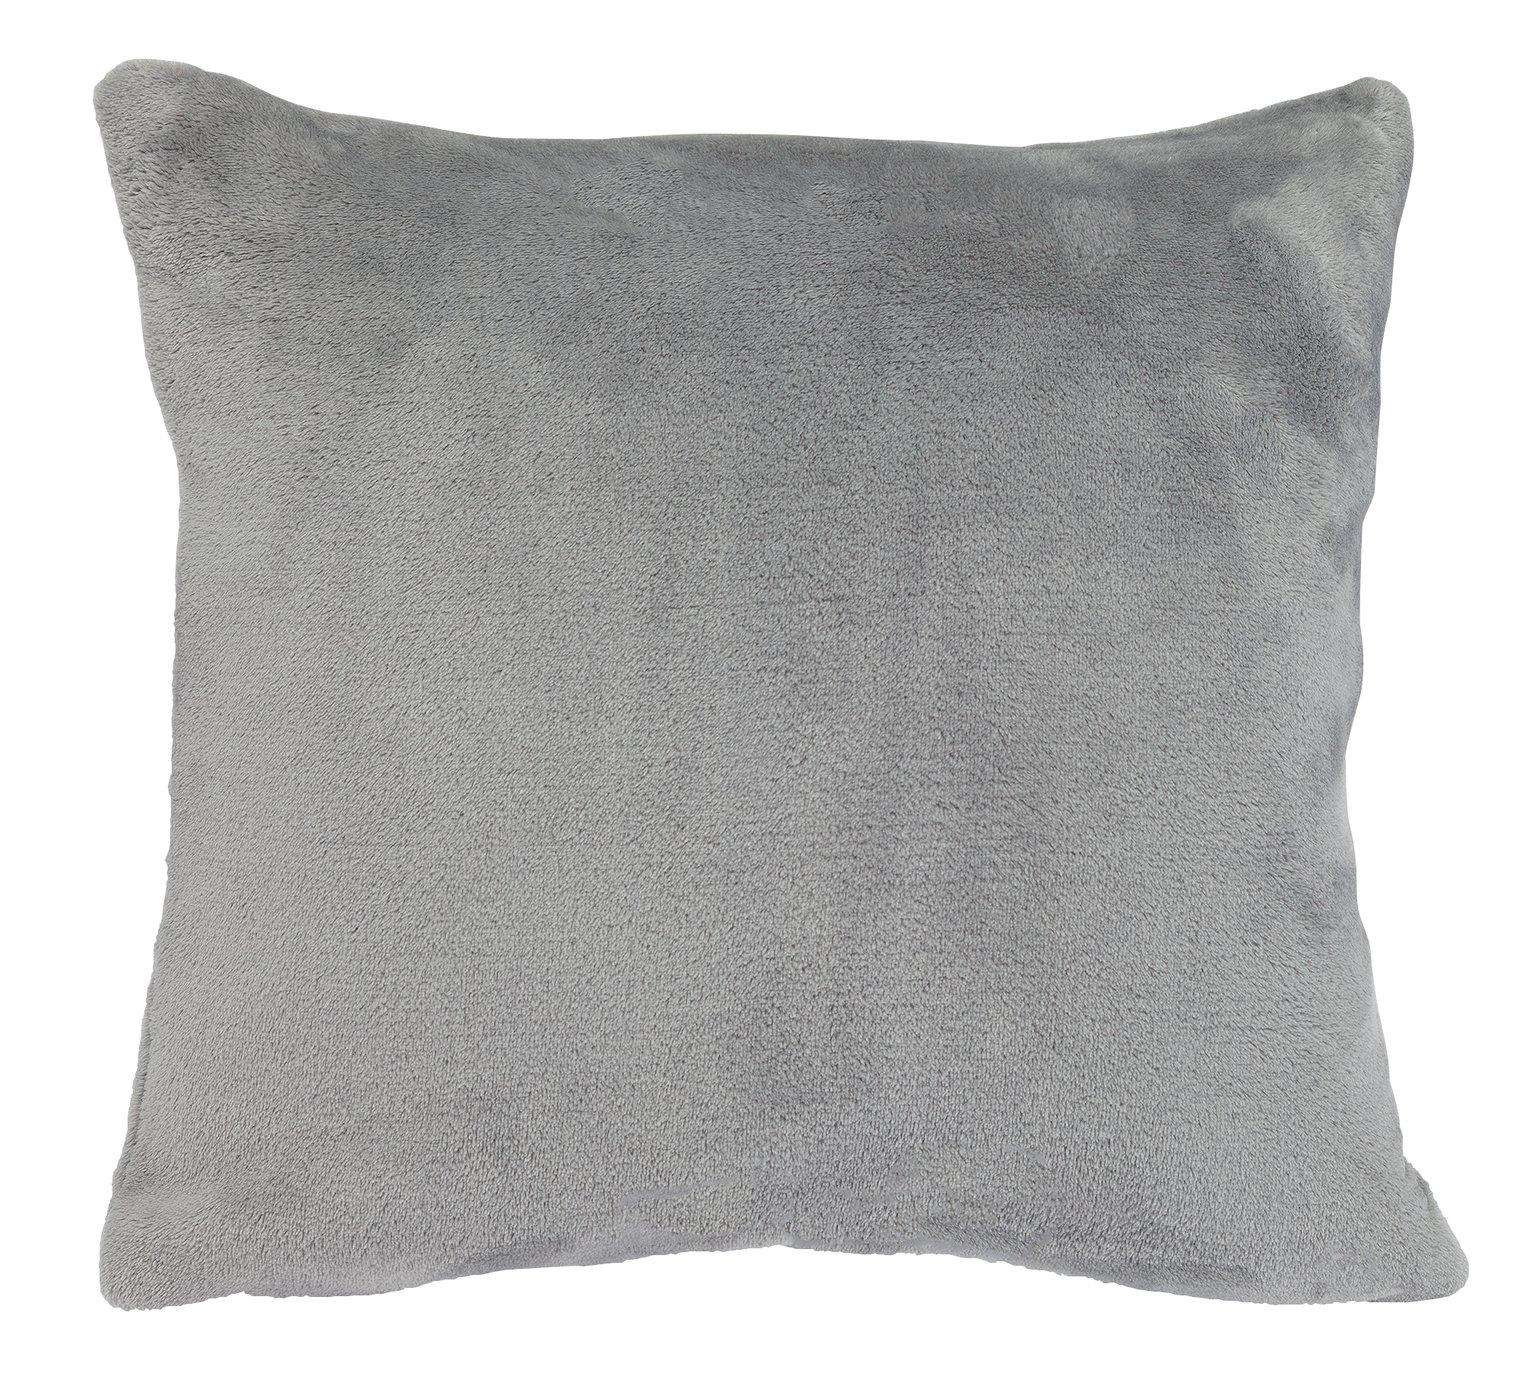 Argos Home Supersoft Fleece Cushion - Flint Grey